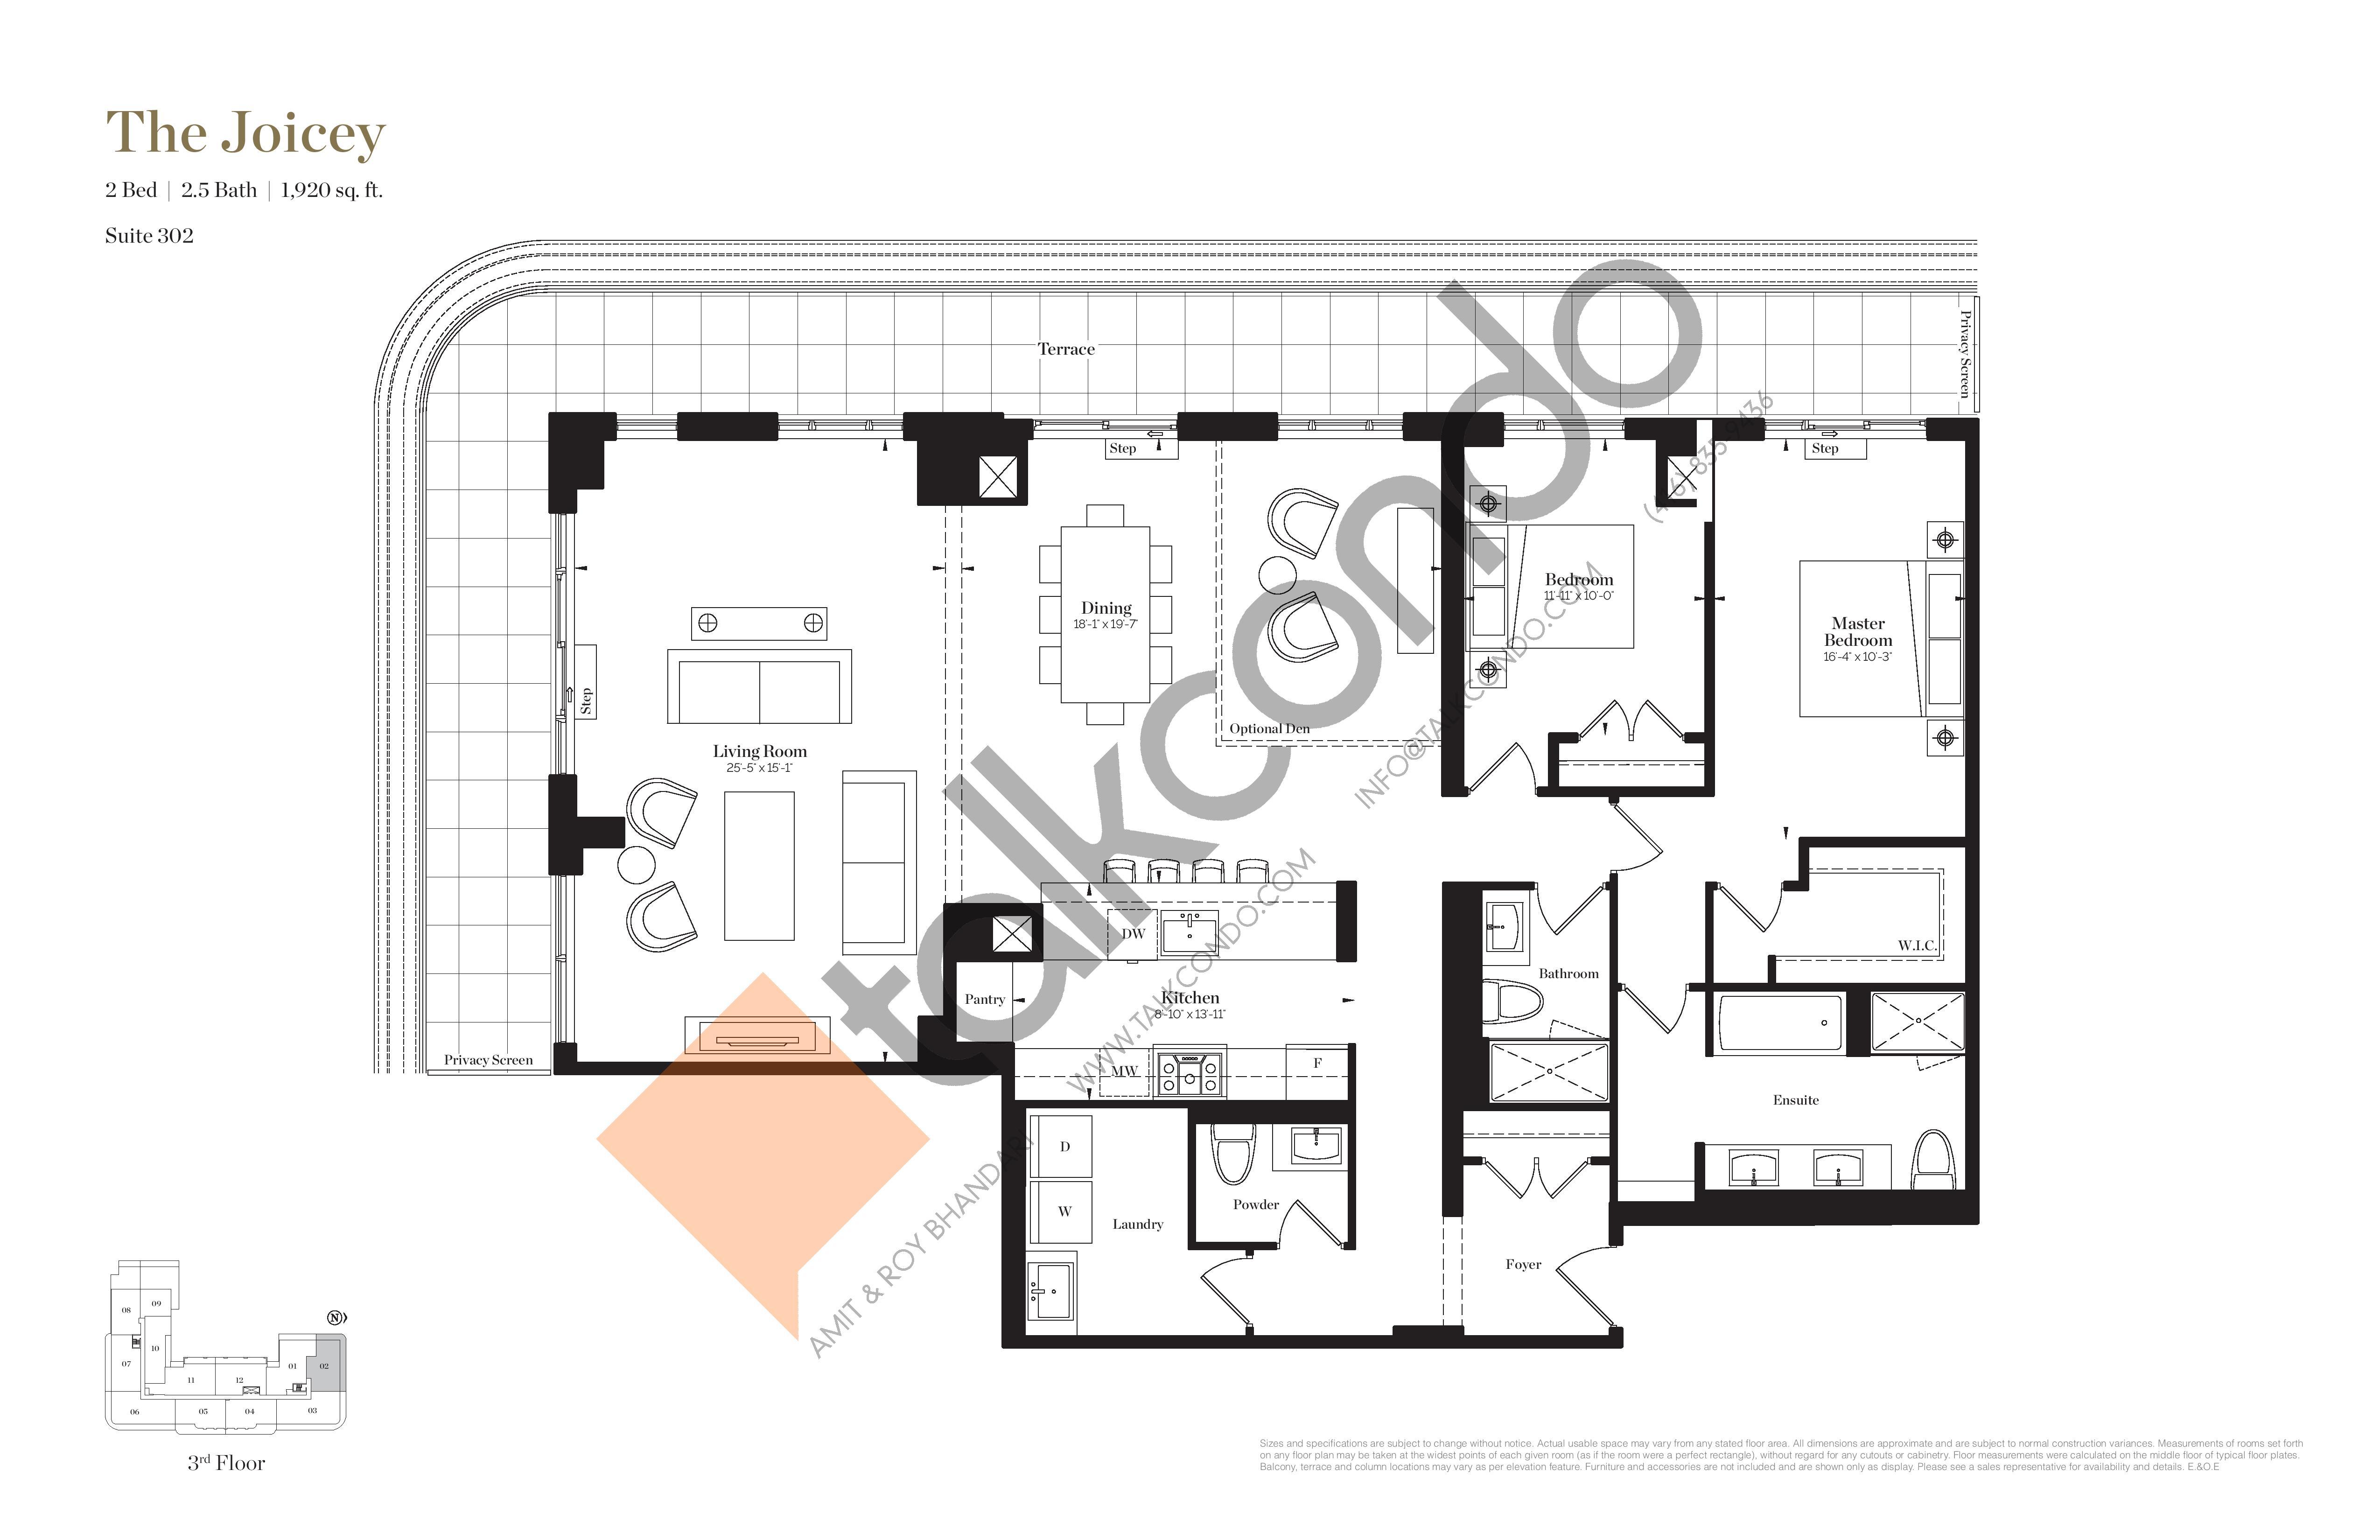 The Joicey Floor Plan at Empire Maven Condos - 1920 sq.ft